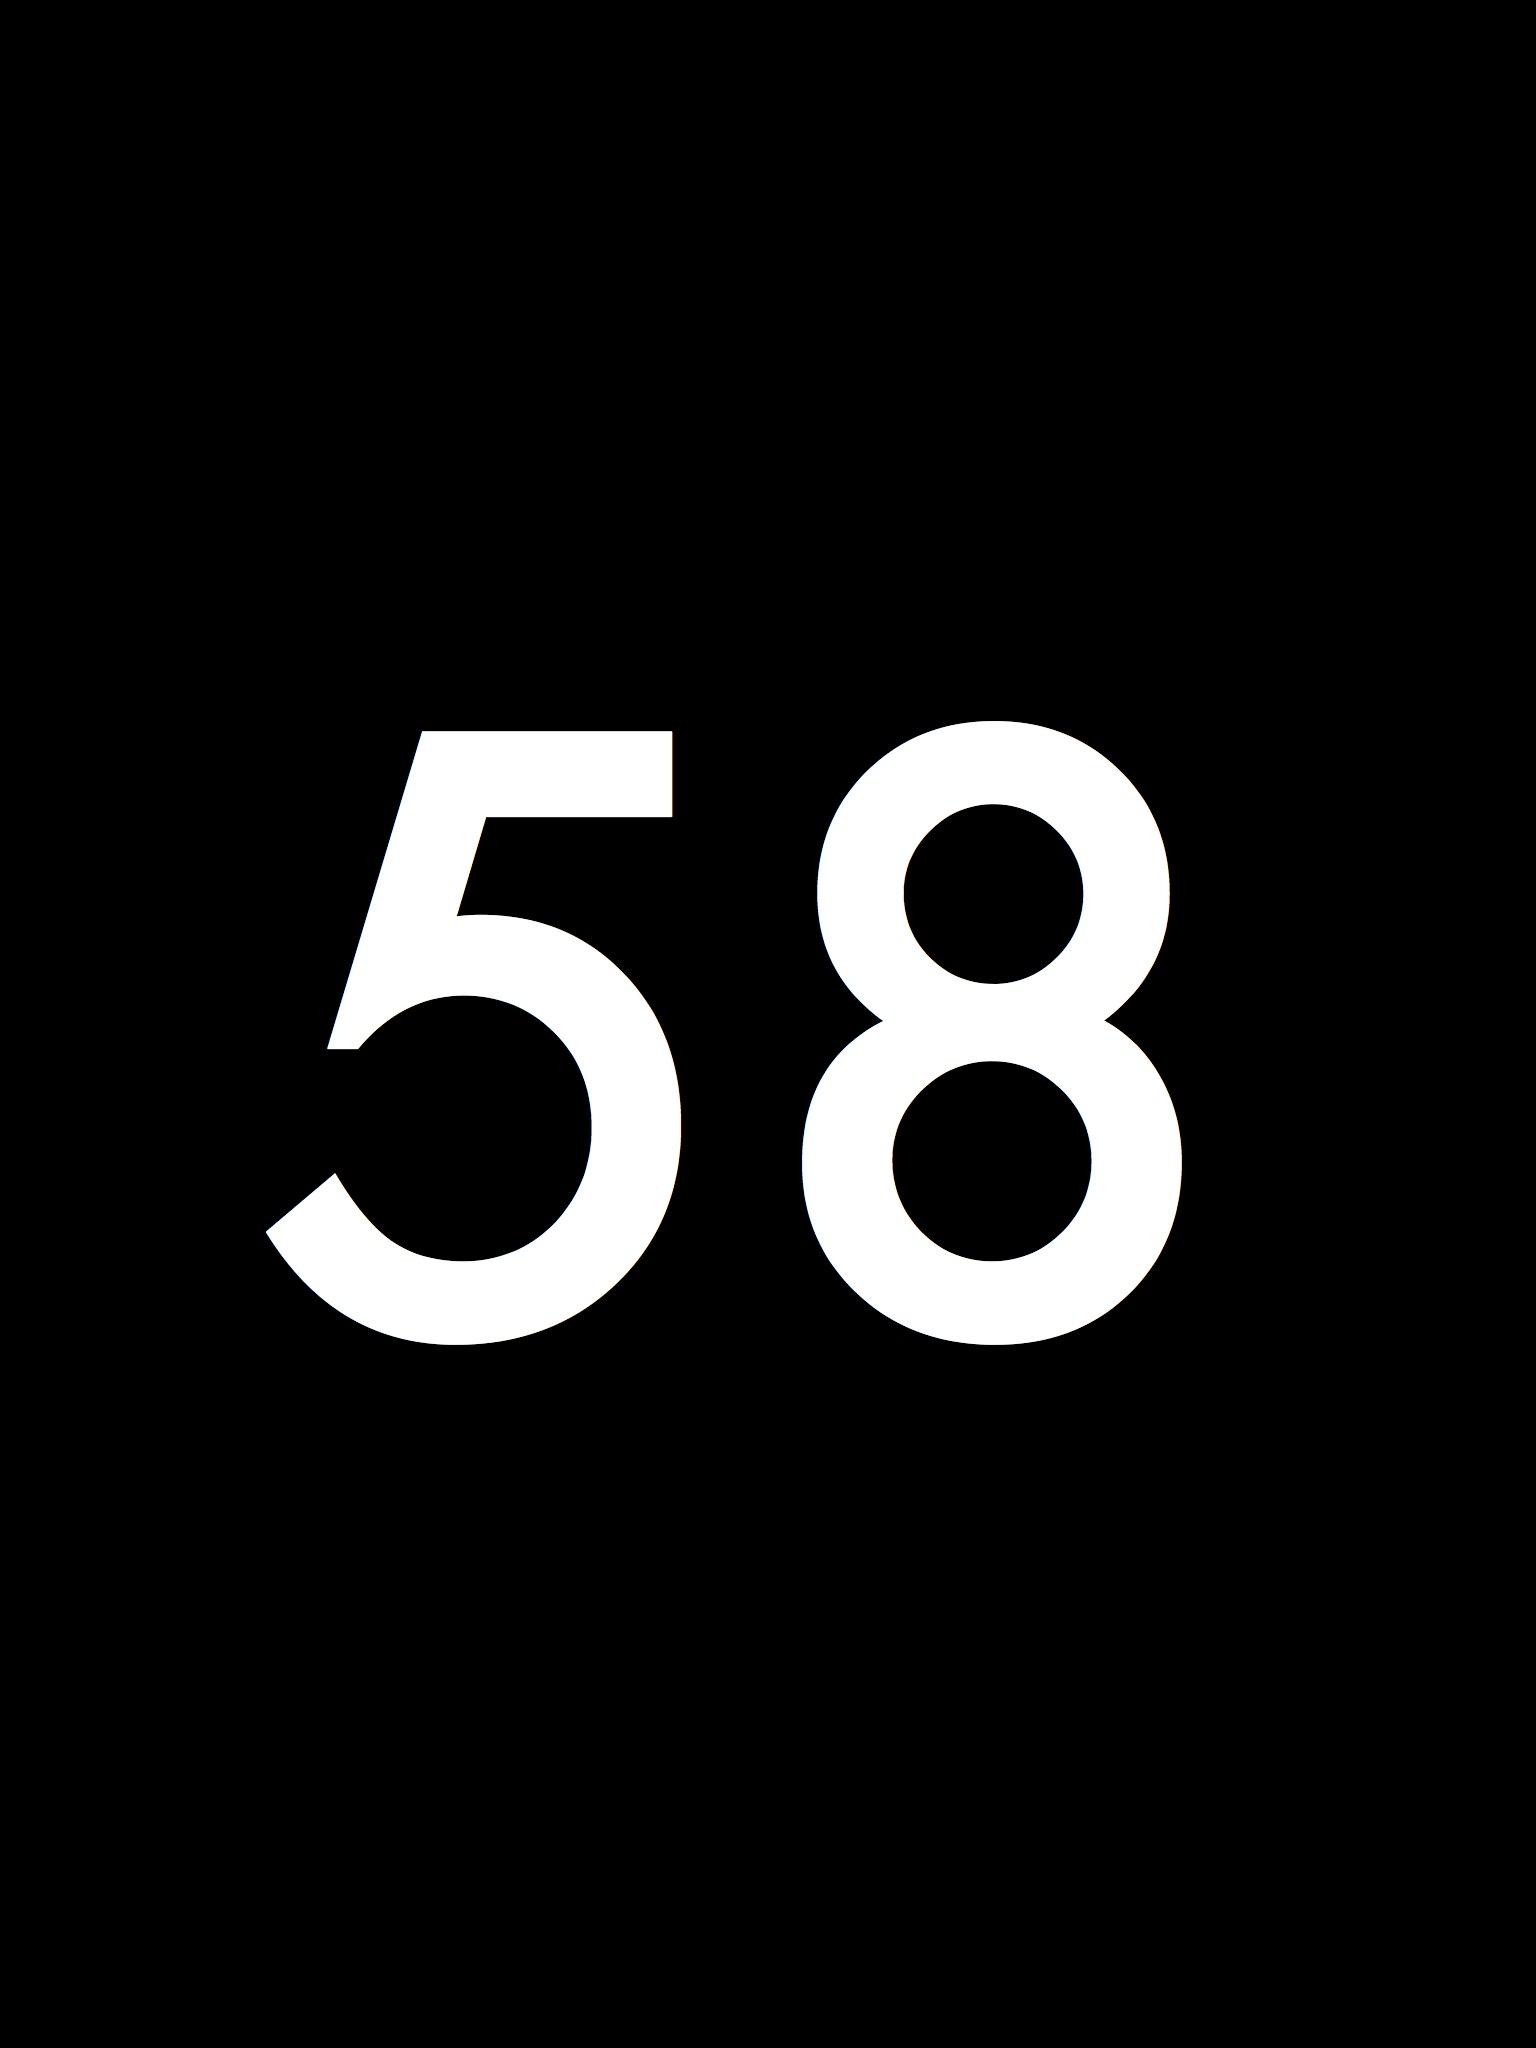 Black_Number.058.jpg